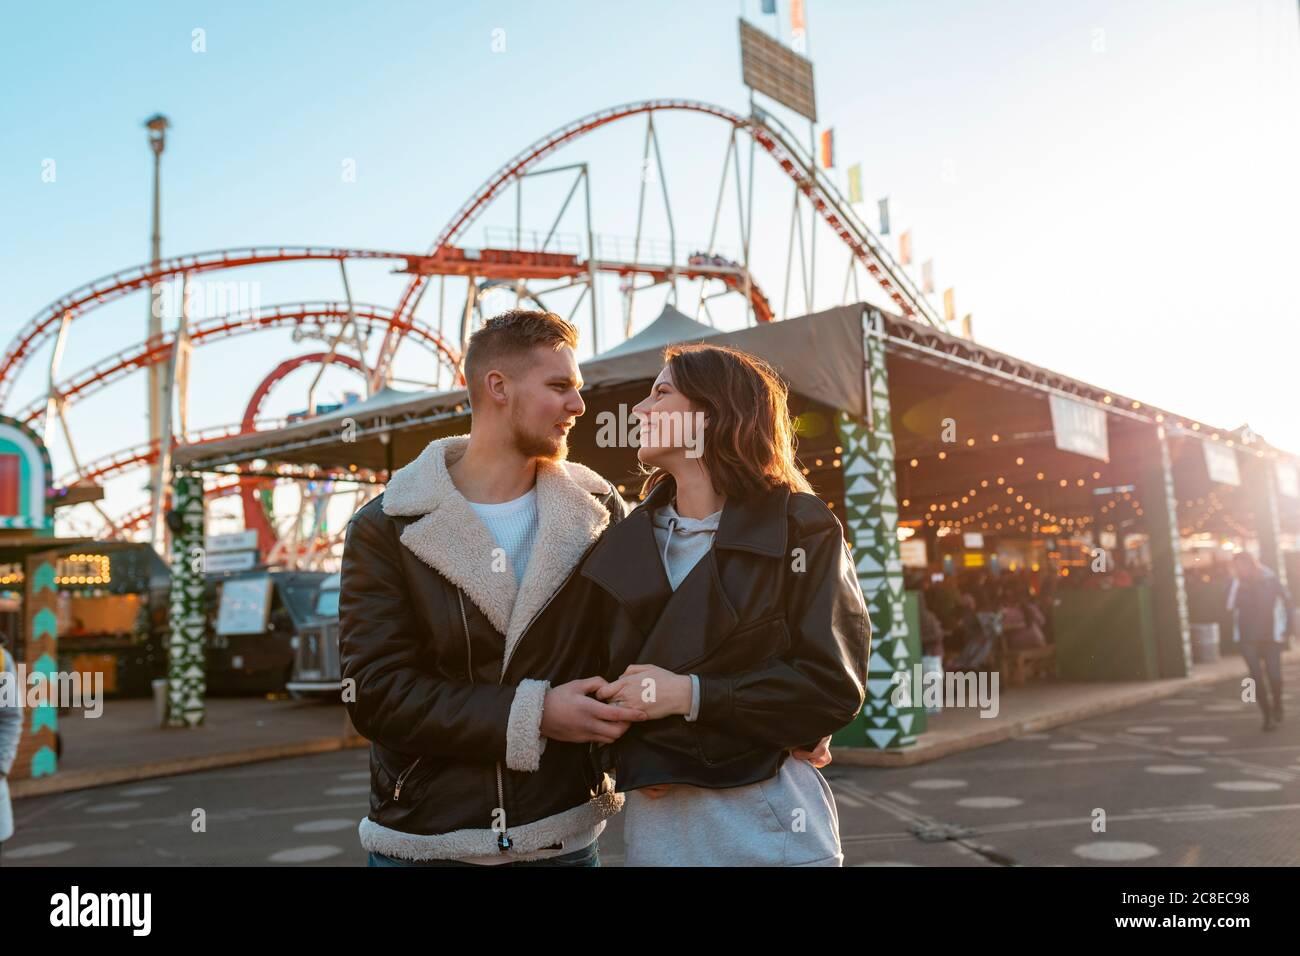 Pareja joven romántica con las manos mientras está de pie en el parque de atracciones durante la puesta de sol Foto de stock